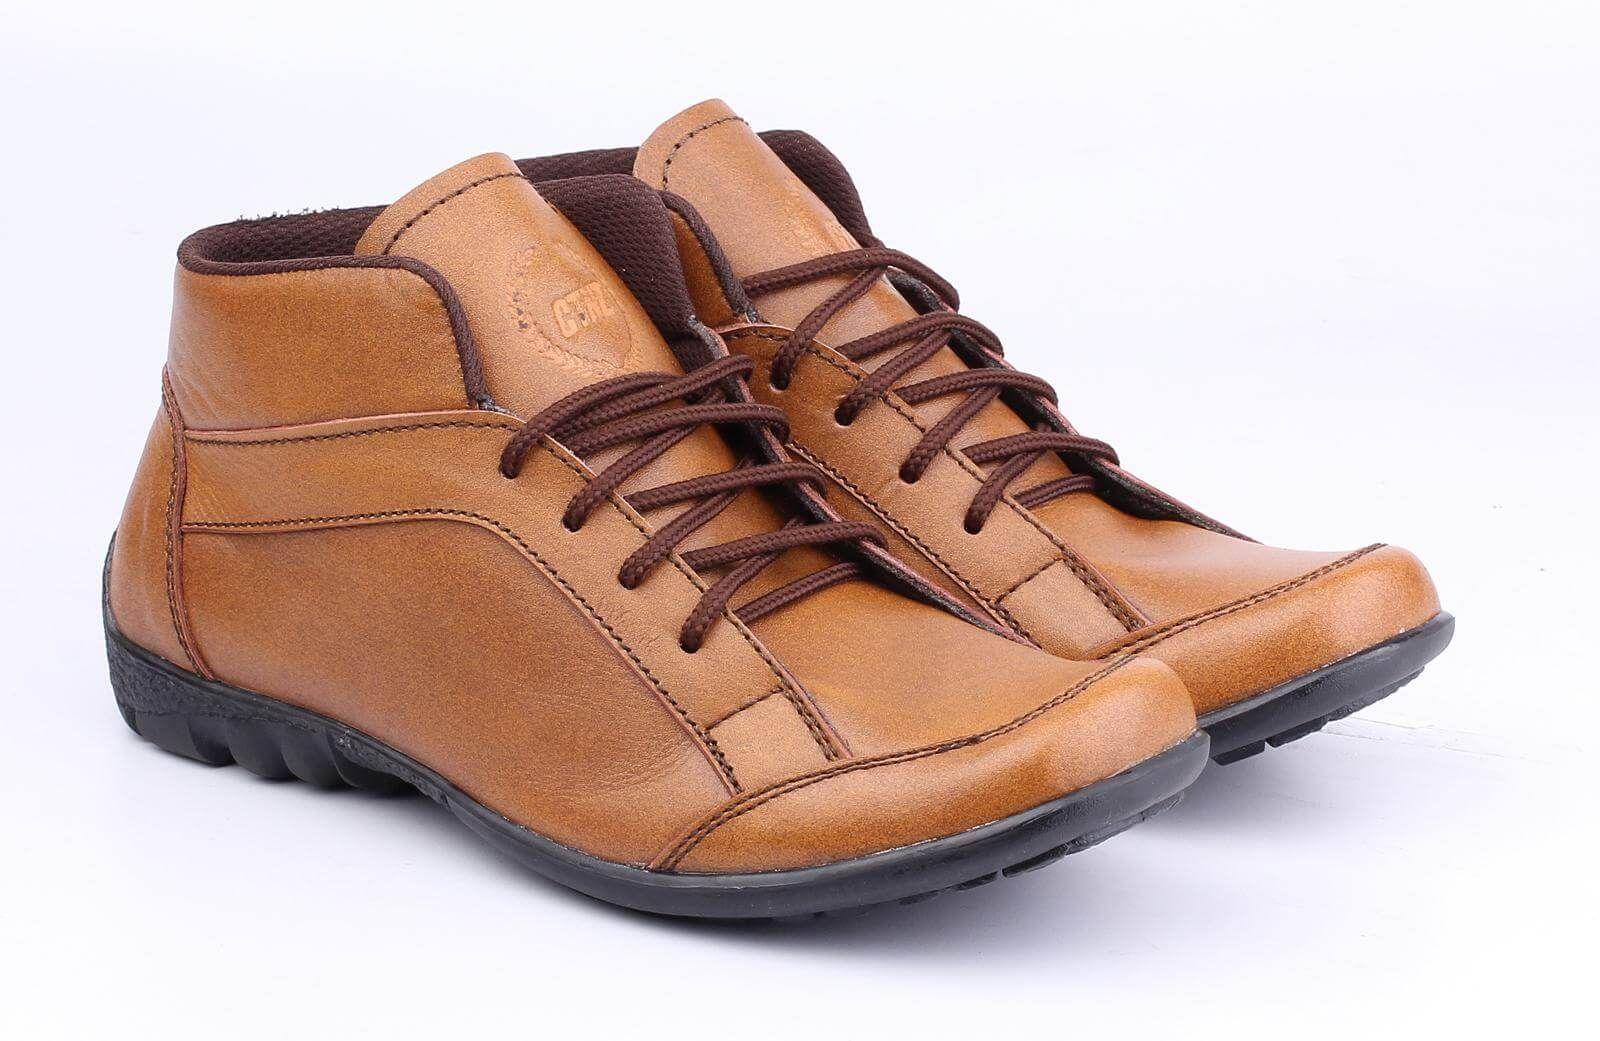 Livistore Com Sepatu Casual Pria Mp 064 Sepatu Casual Pria